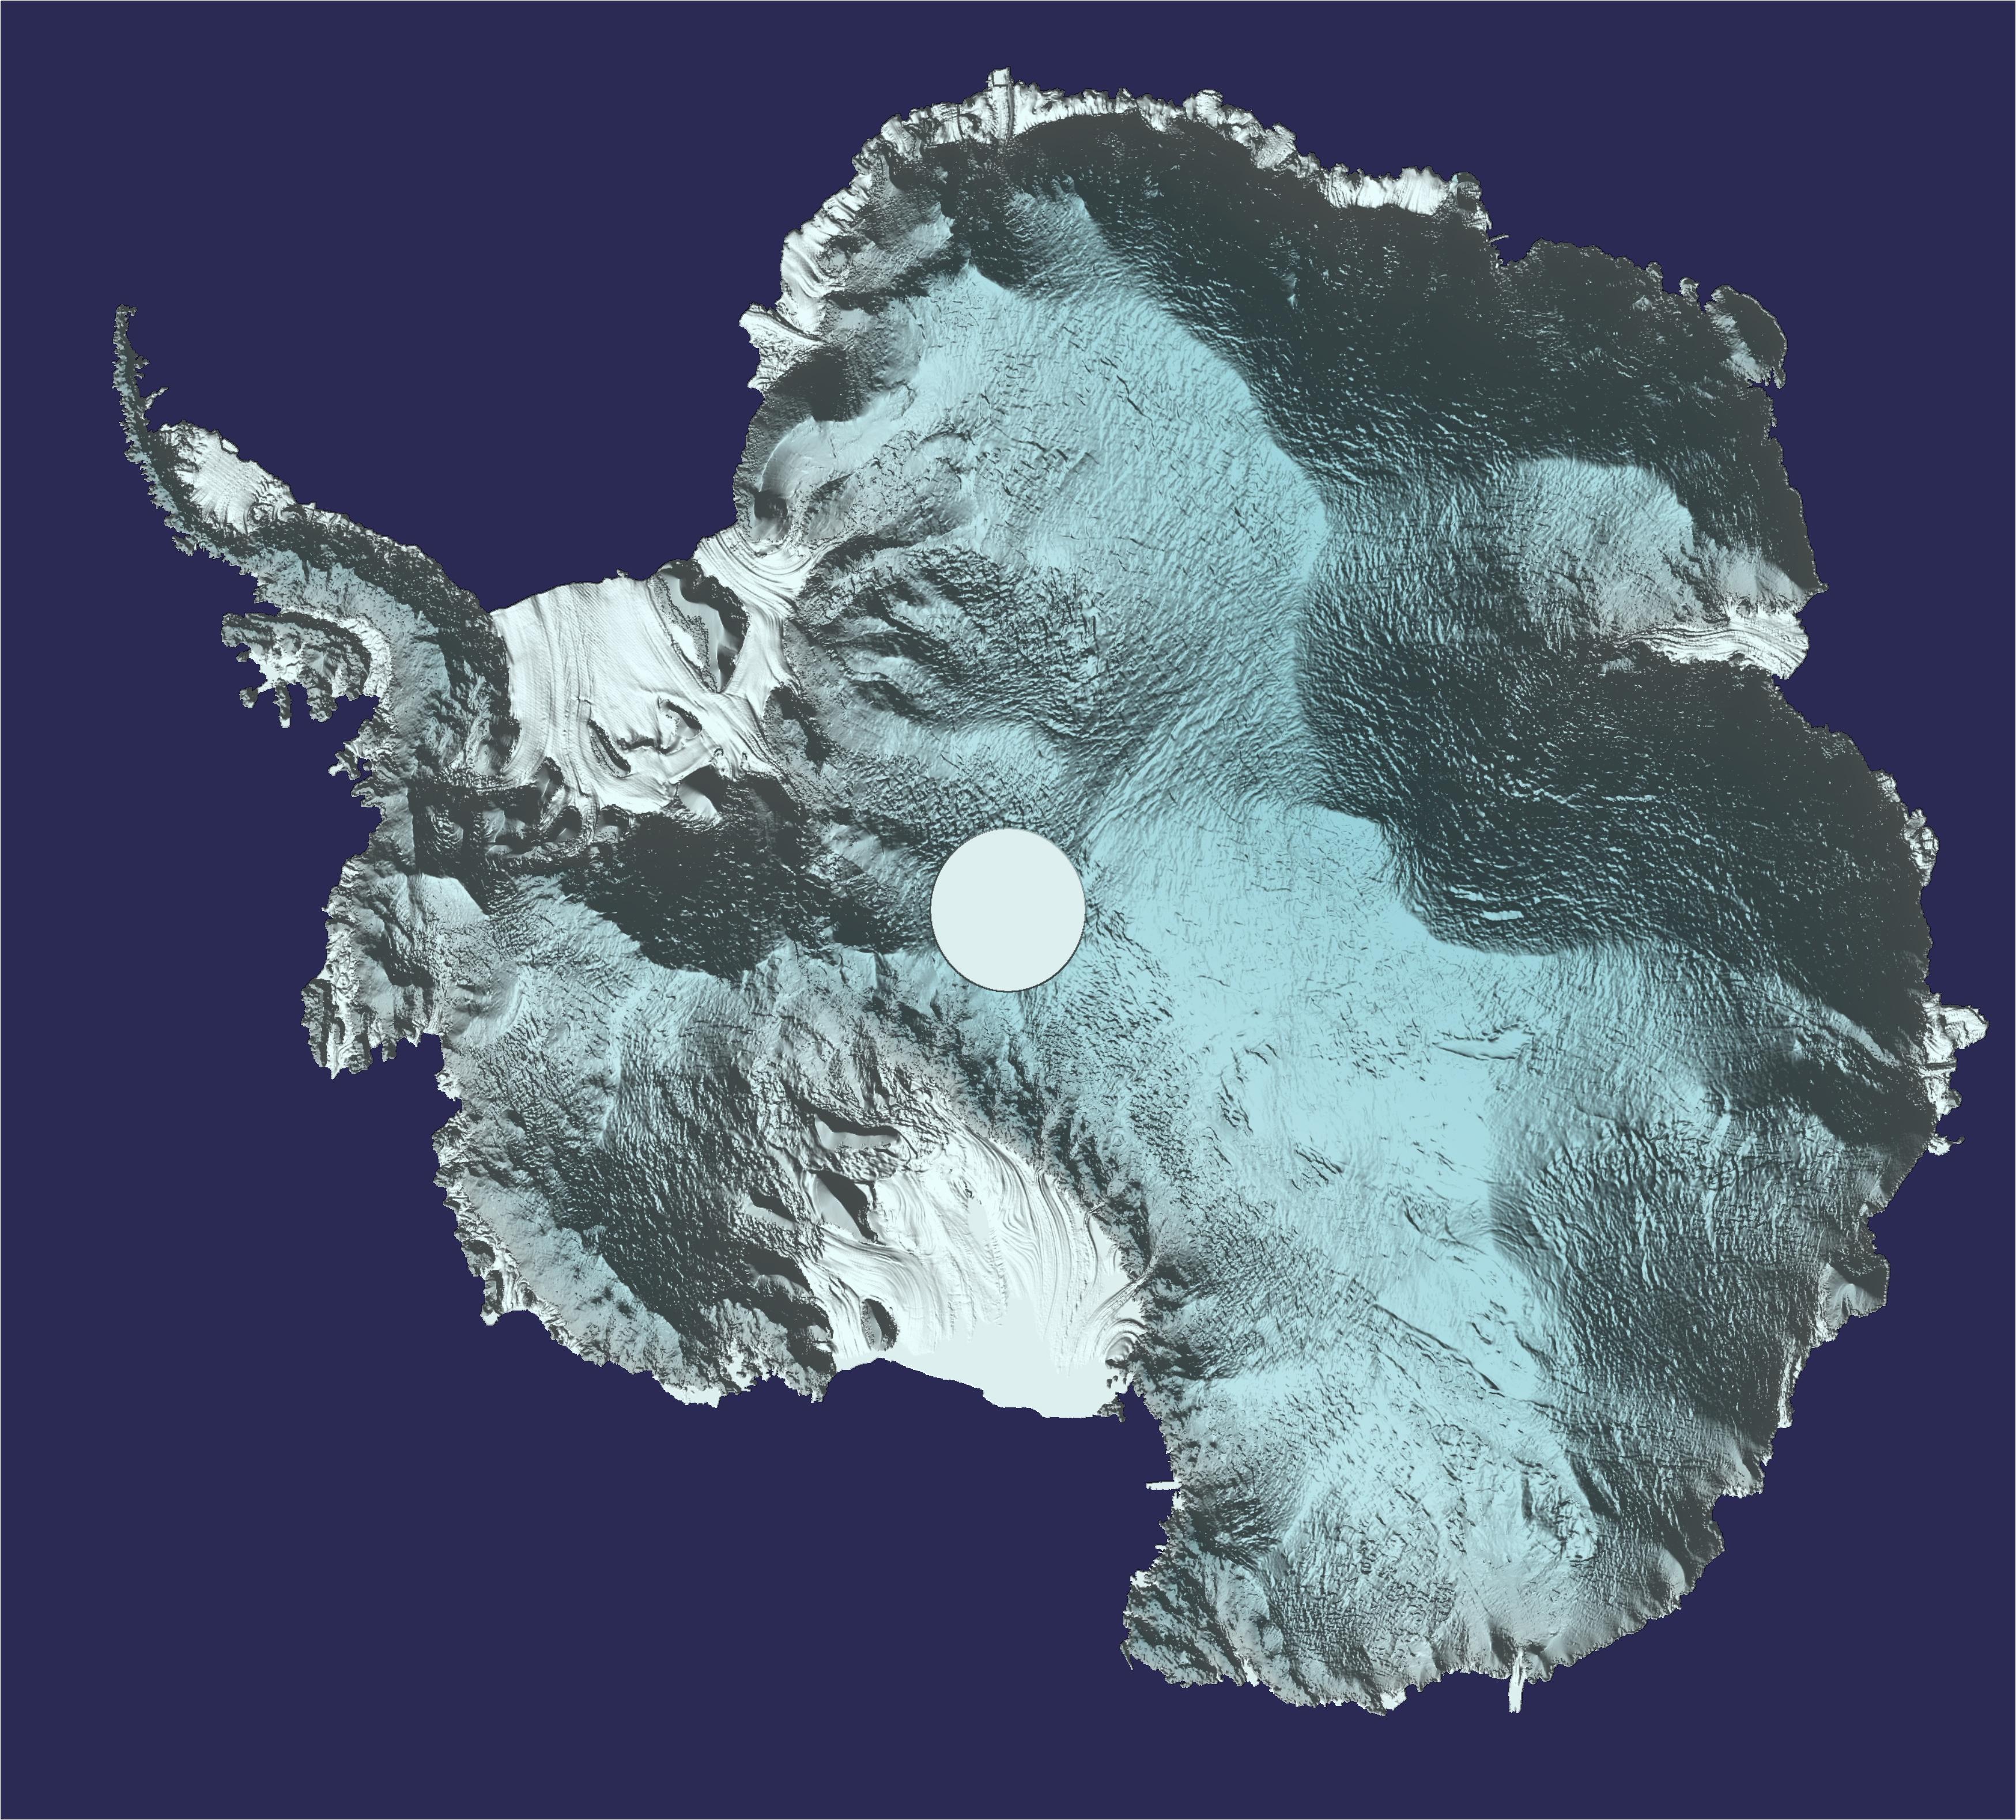 Создана детальная трёхмерная модель Антарктиды